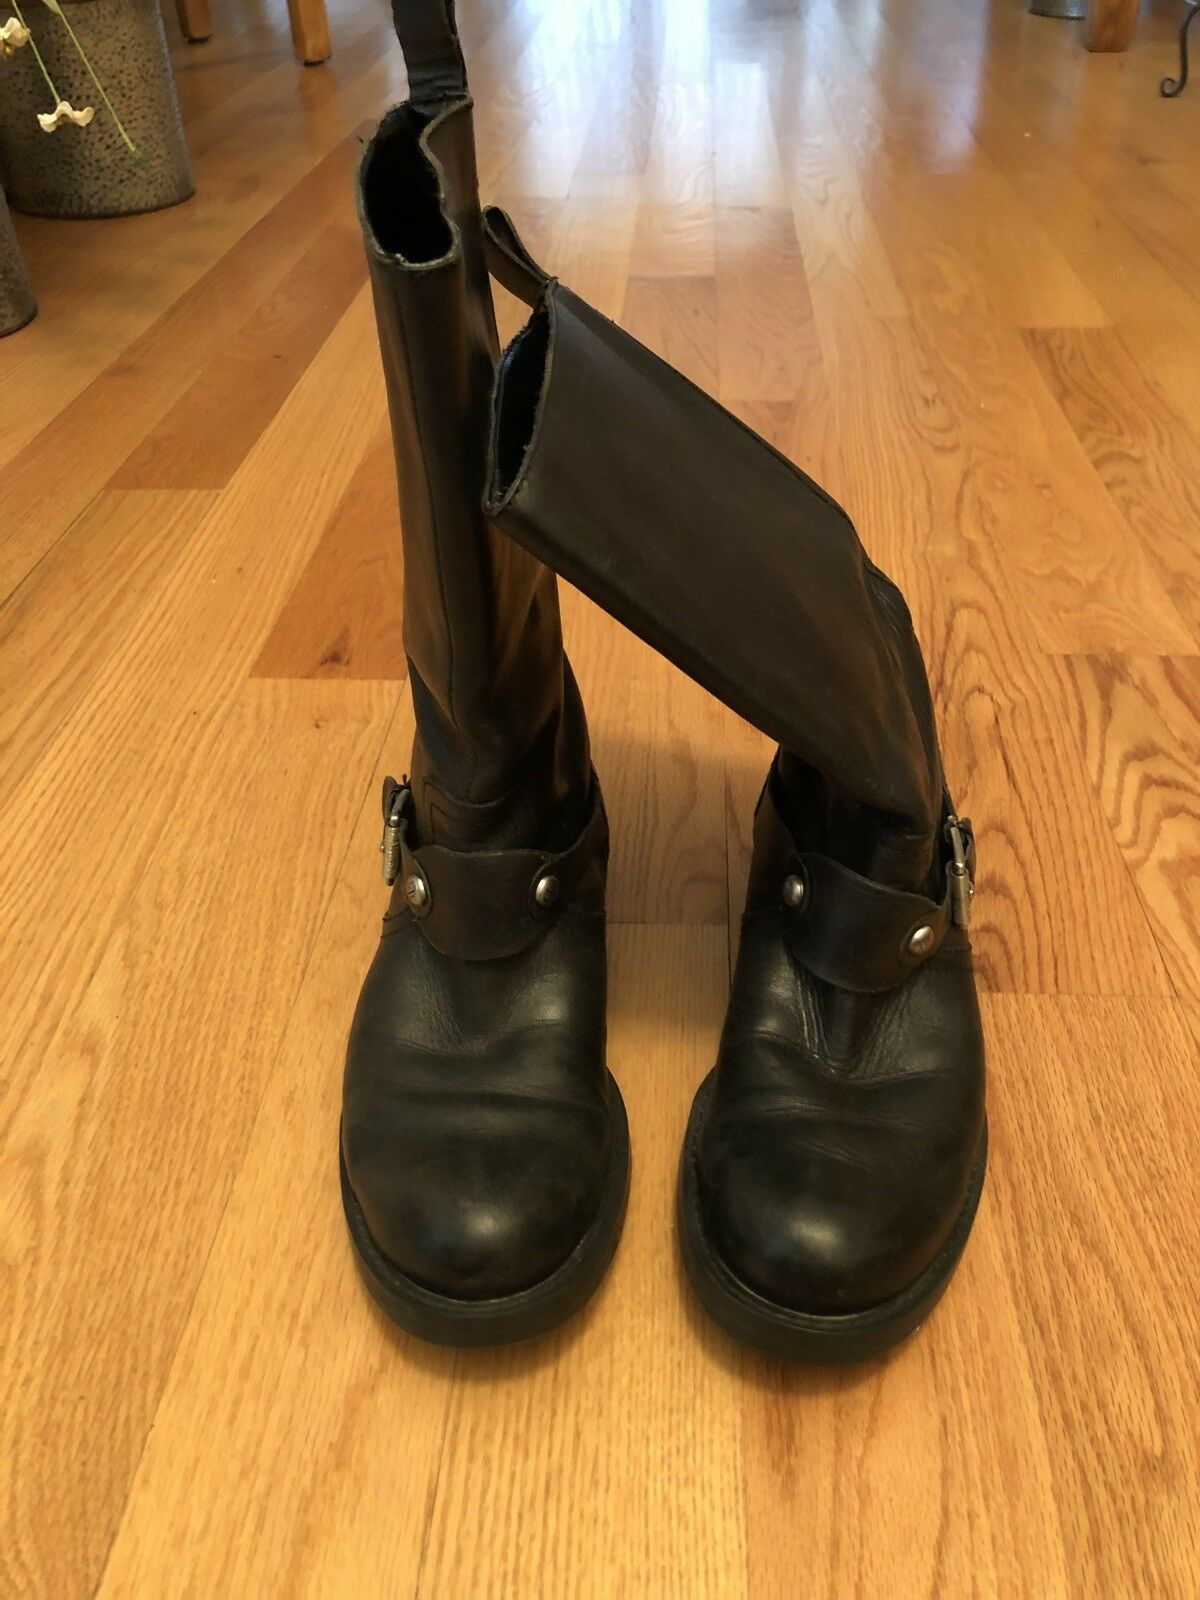 Ralph lauren womens boots size 7